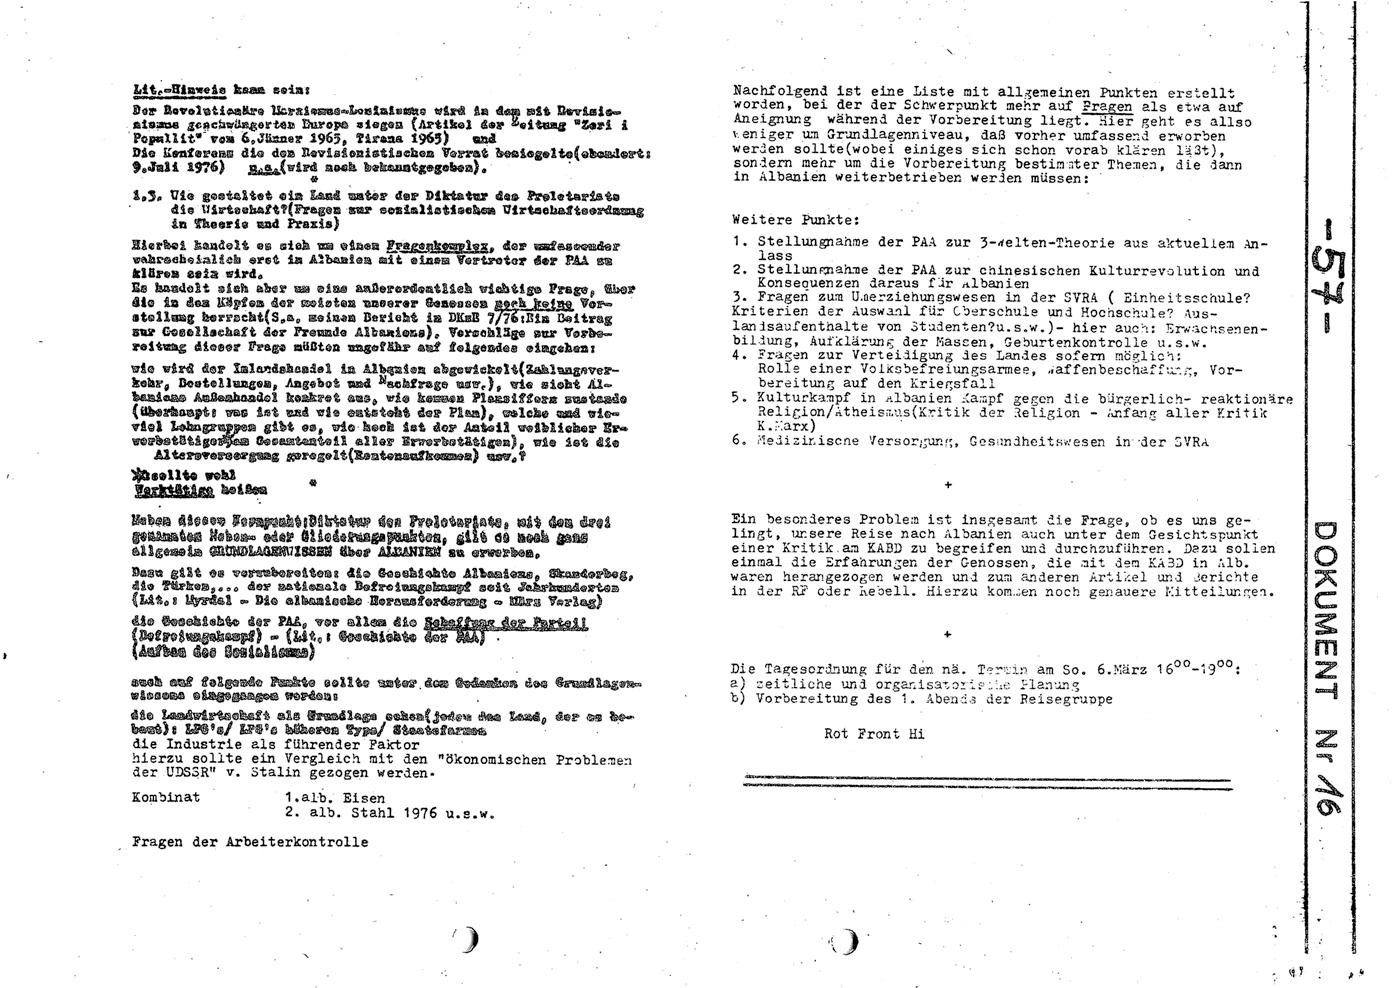 KABRW_Arbeitshefte_1977_24_057